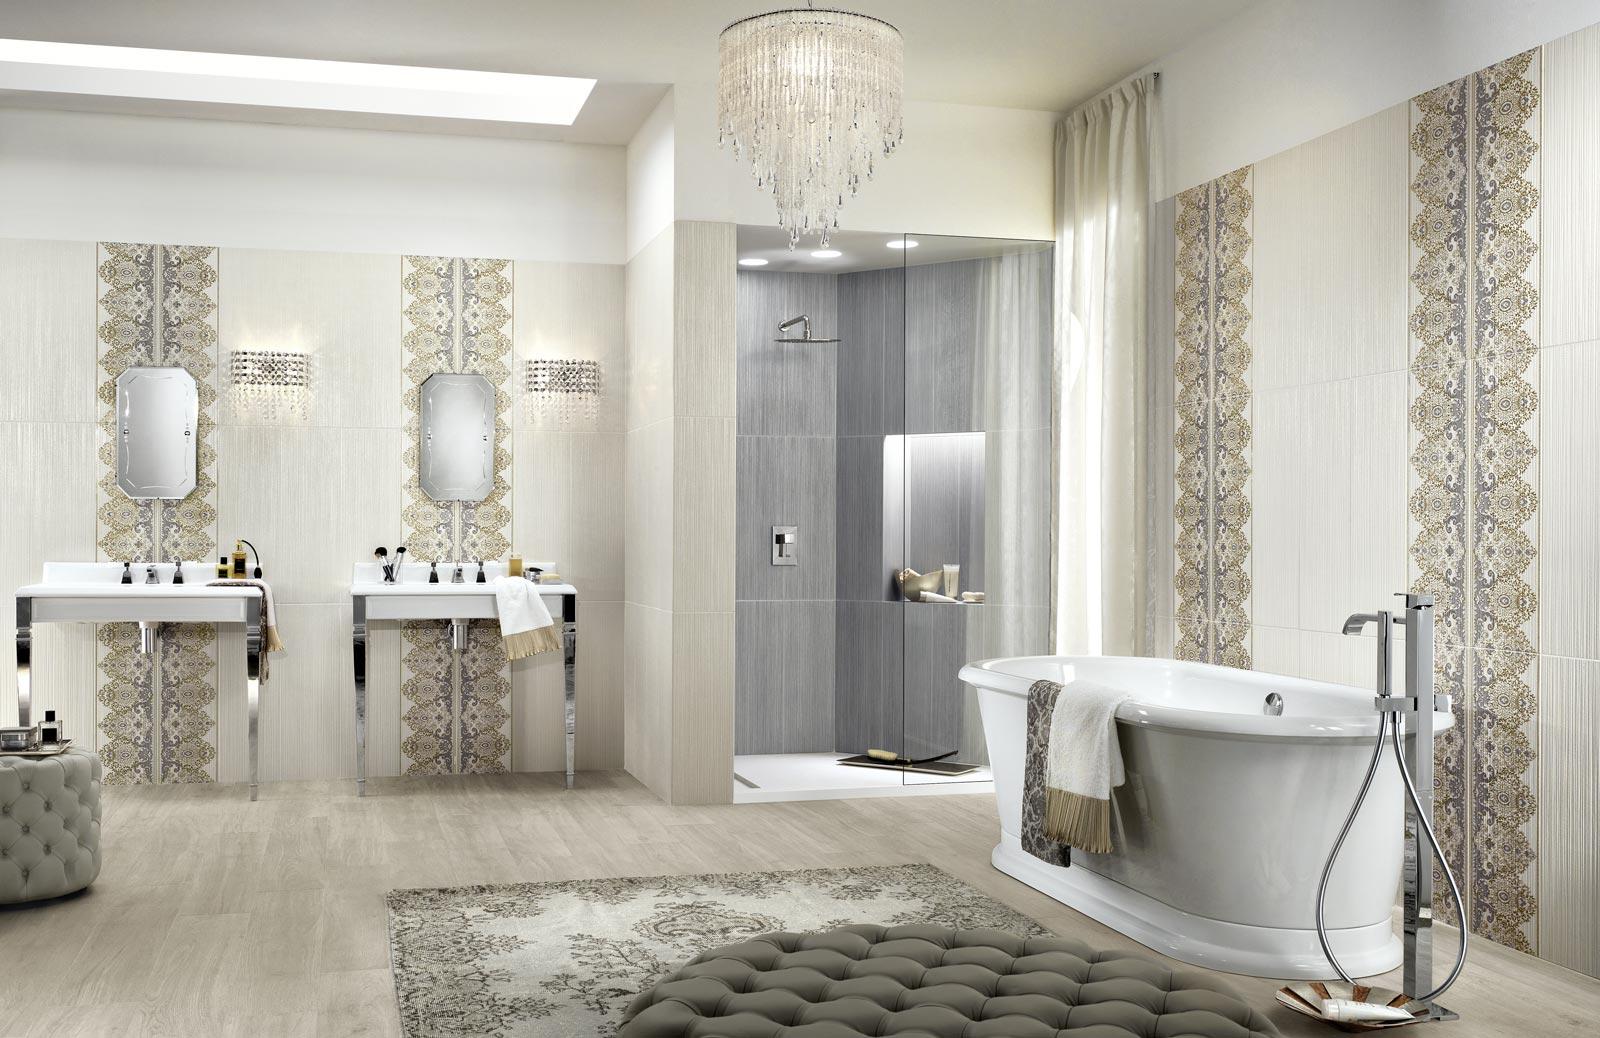 Collezione wallpaper rivestimenti classici per il bagno for Carrelage woodmania